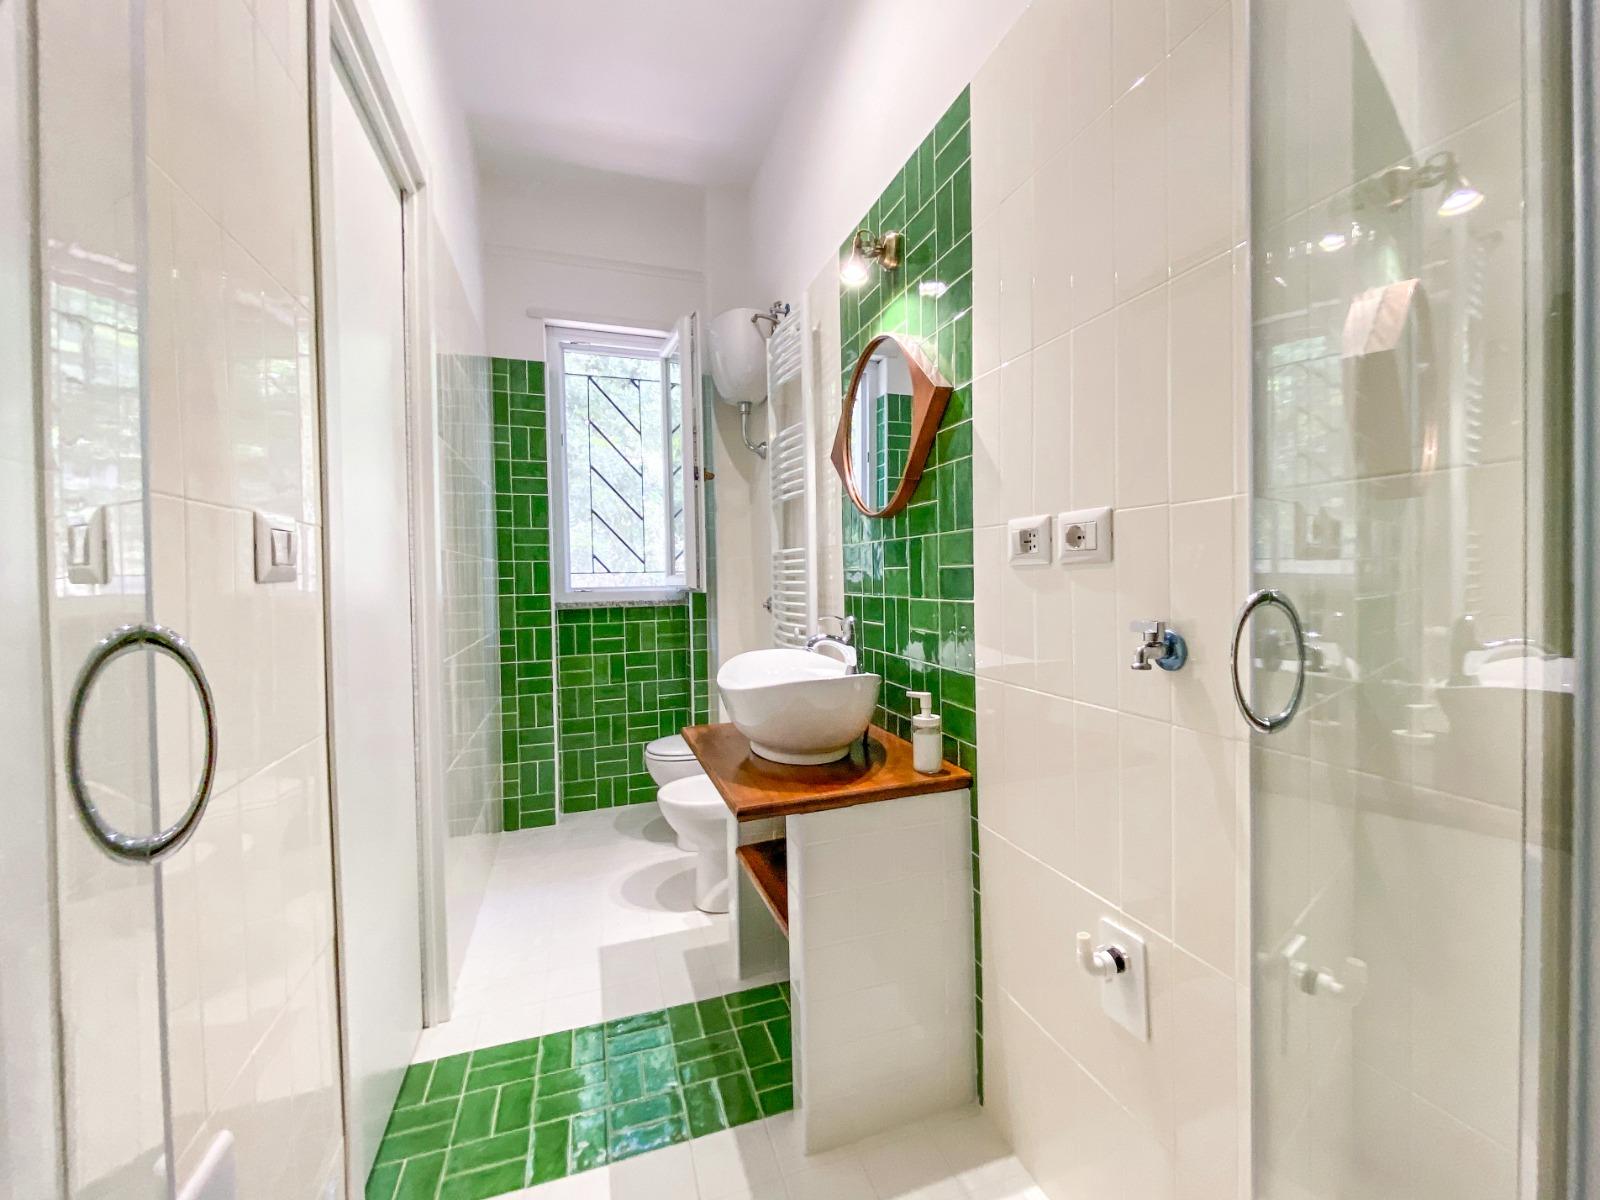 tenuta-normanni-foresteria-suites-small